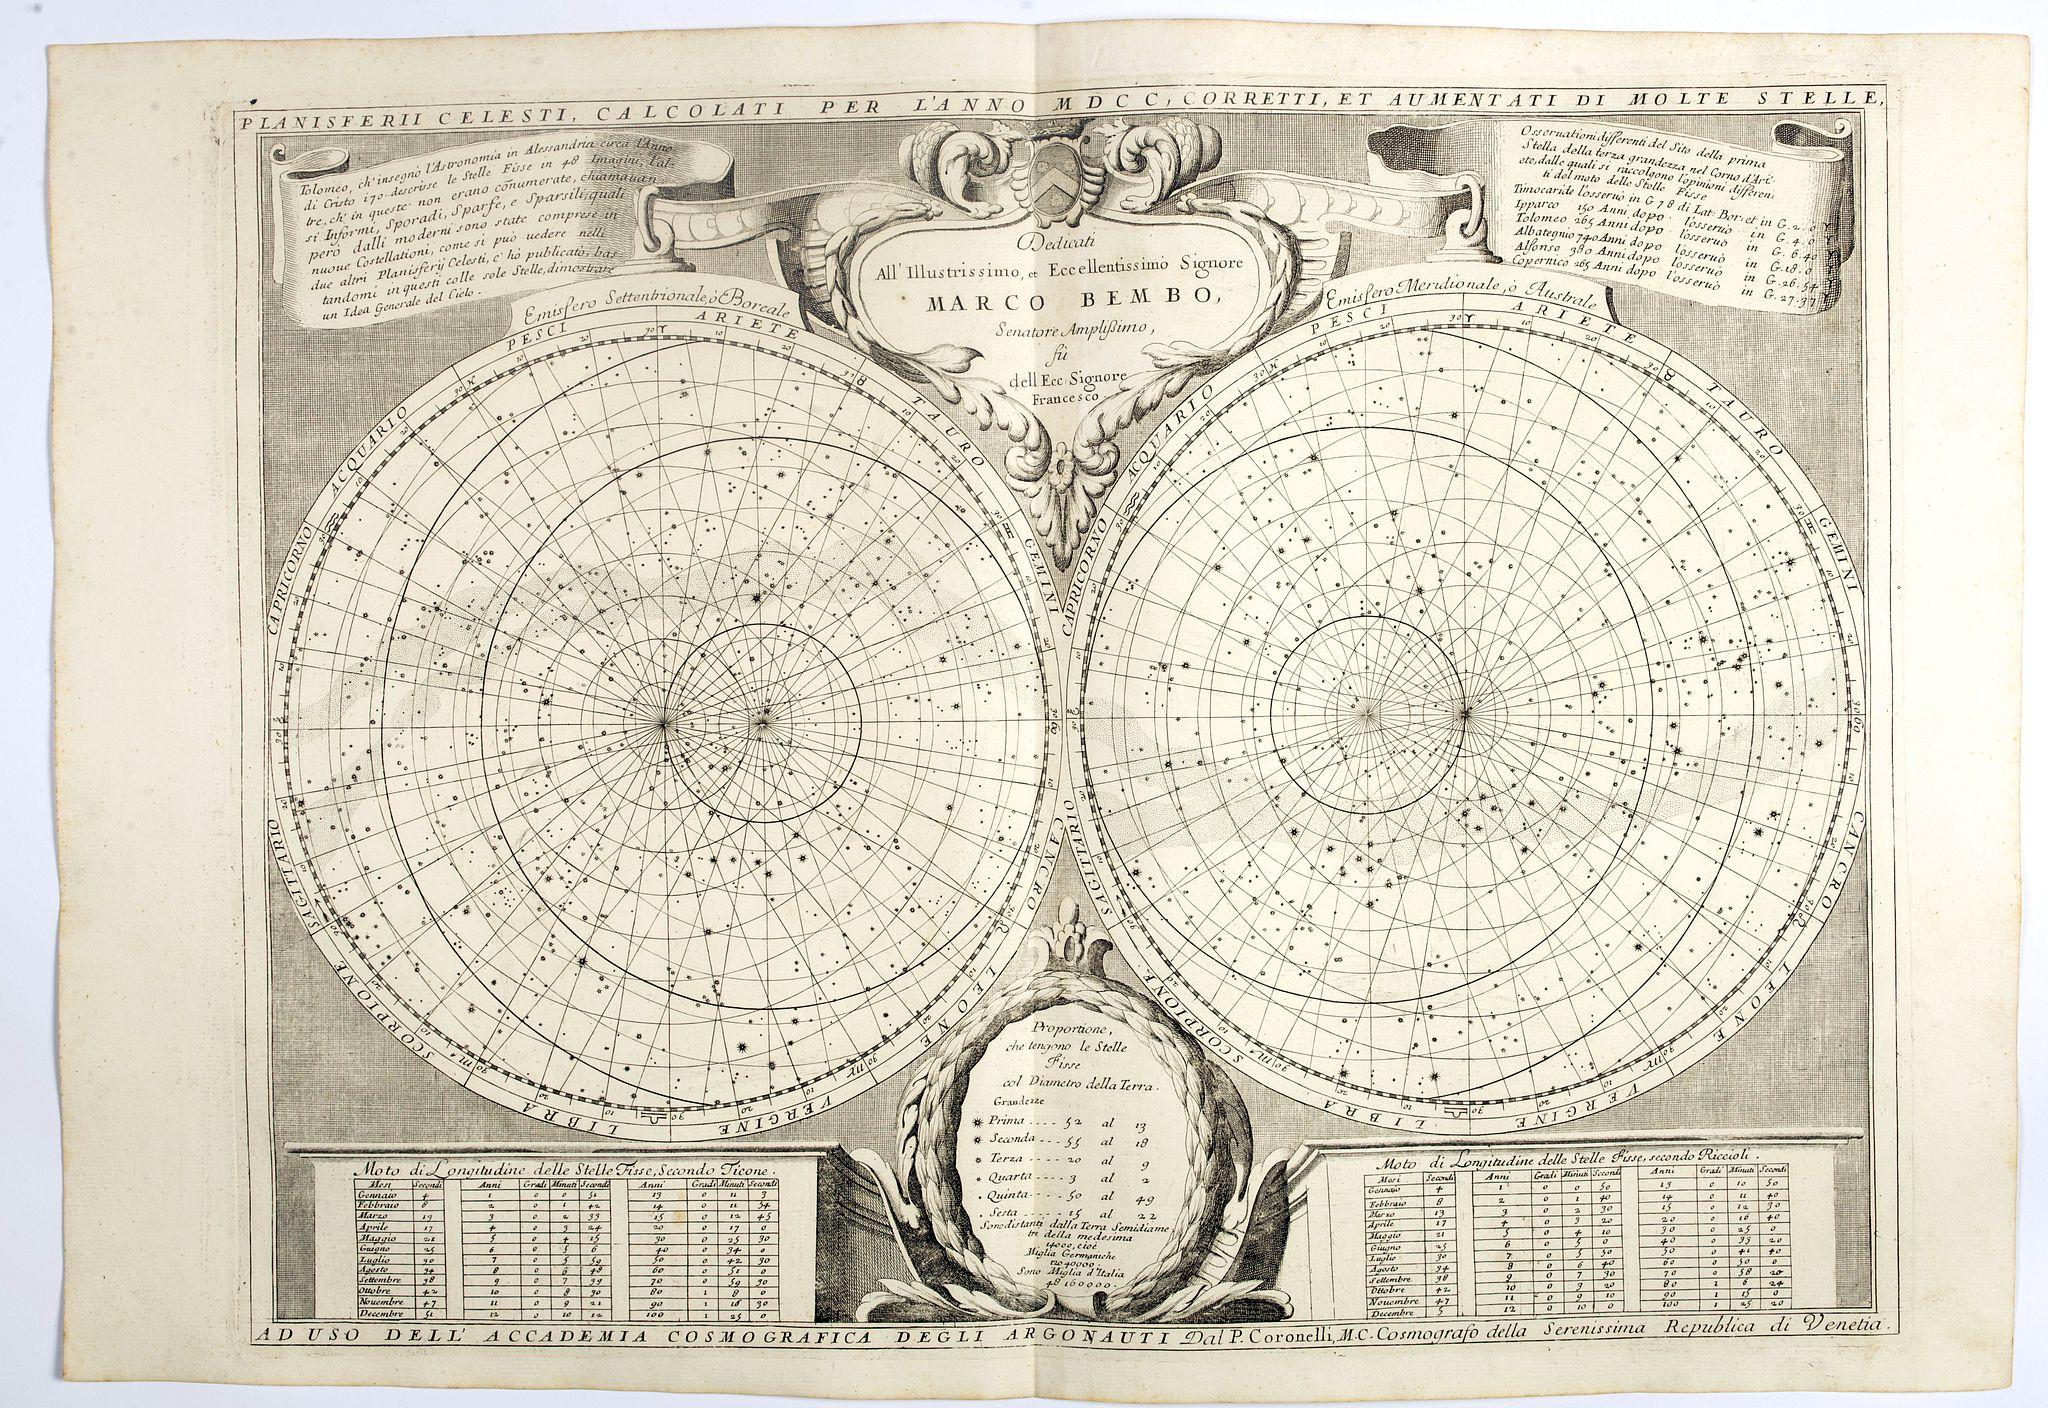 CORONELLI, V. -  Planisferii Celesti, Calcolati Per L'Anno MDCC, Corretti, Et Aumenati Di Molte Stelle . . .